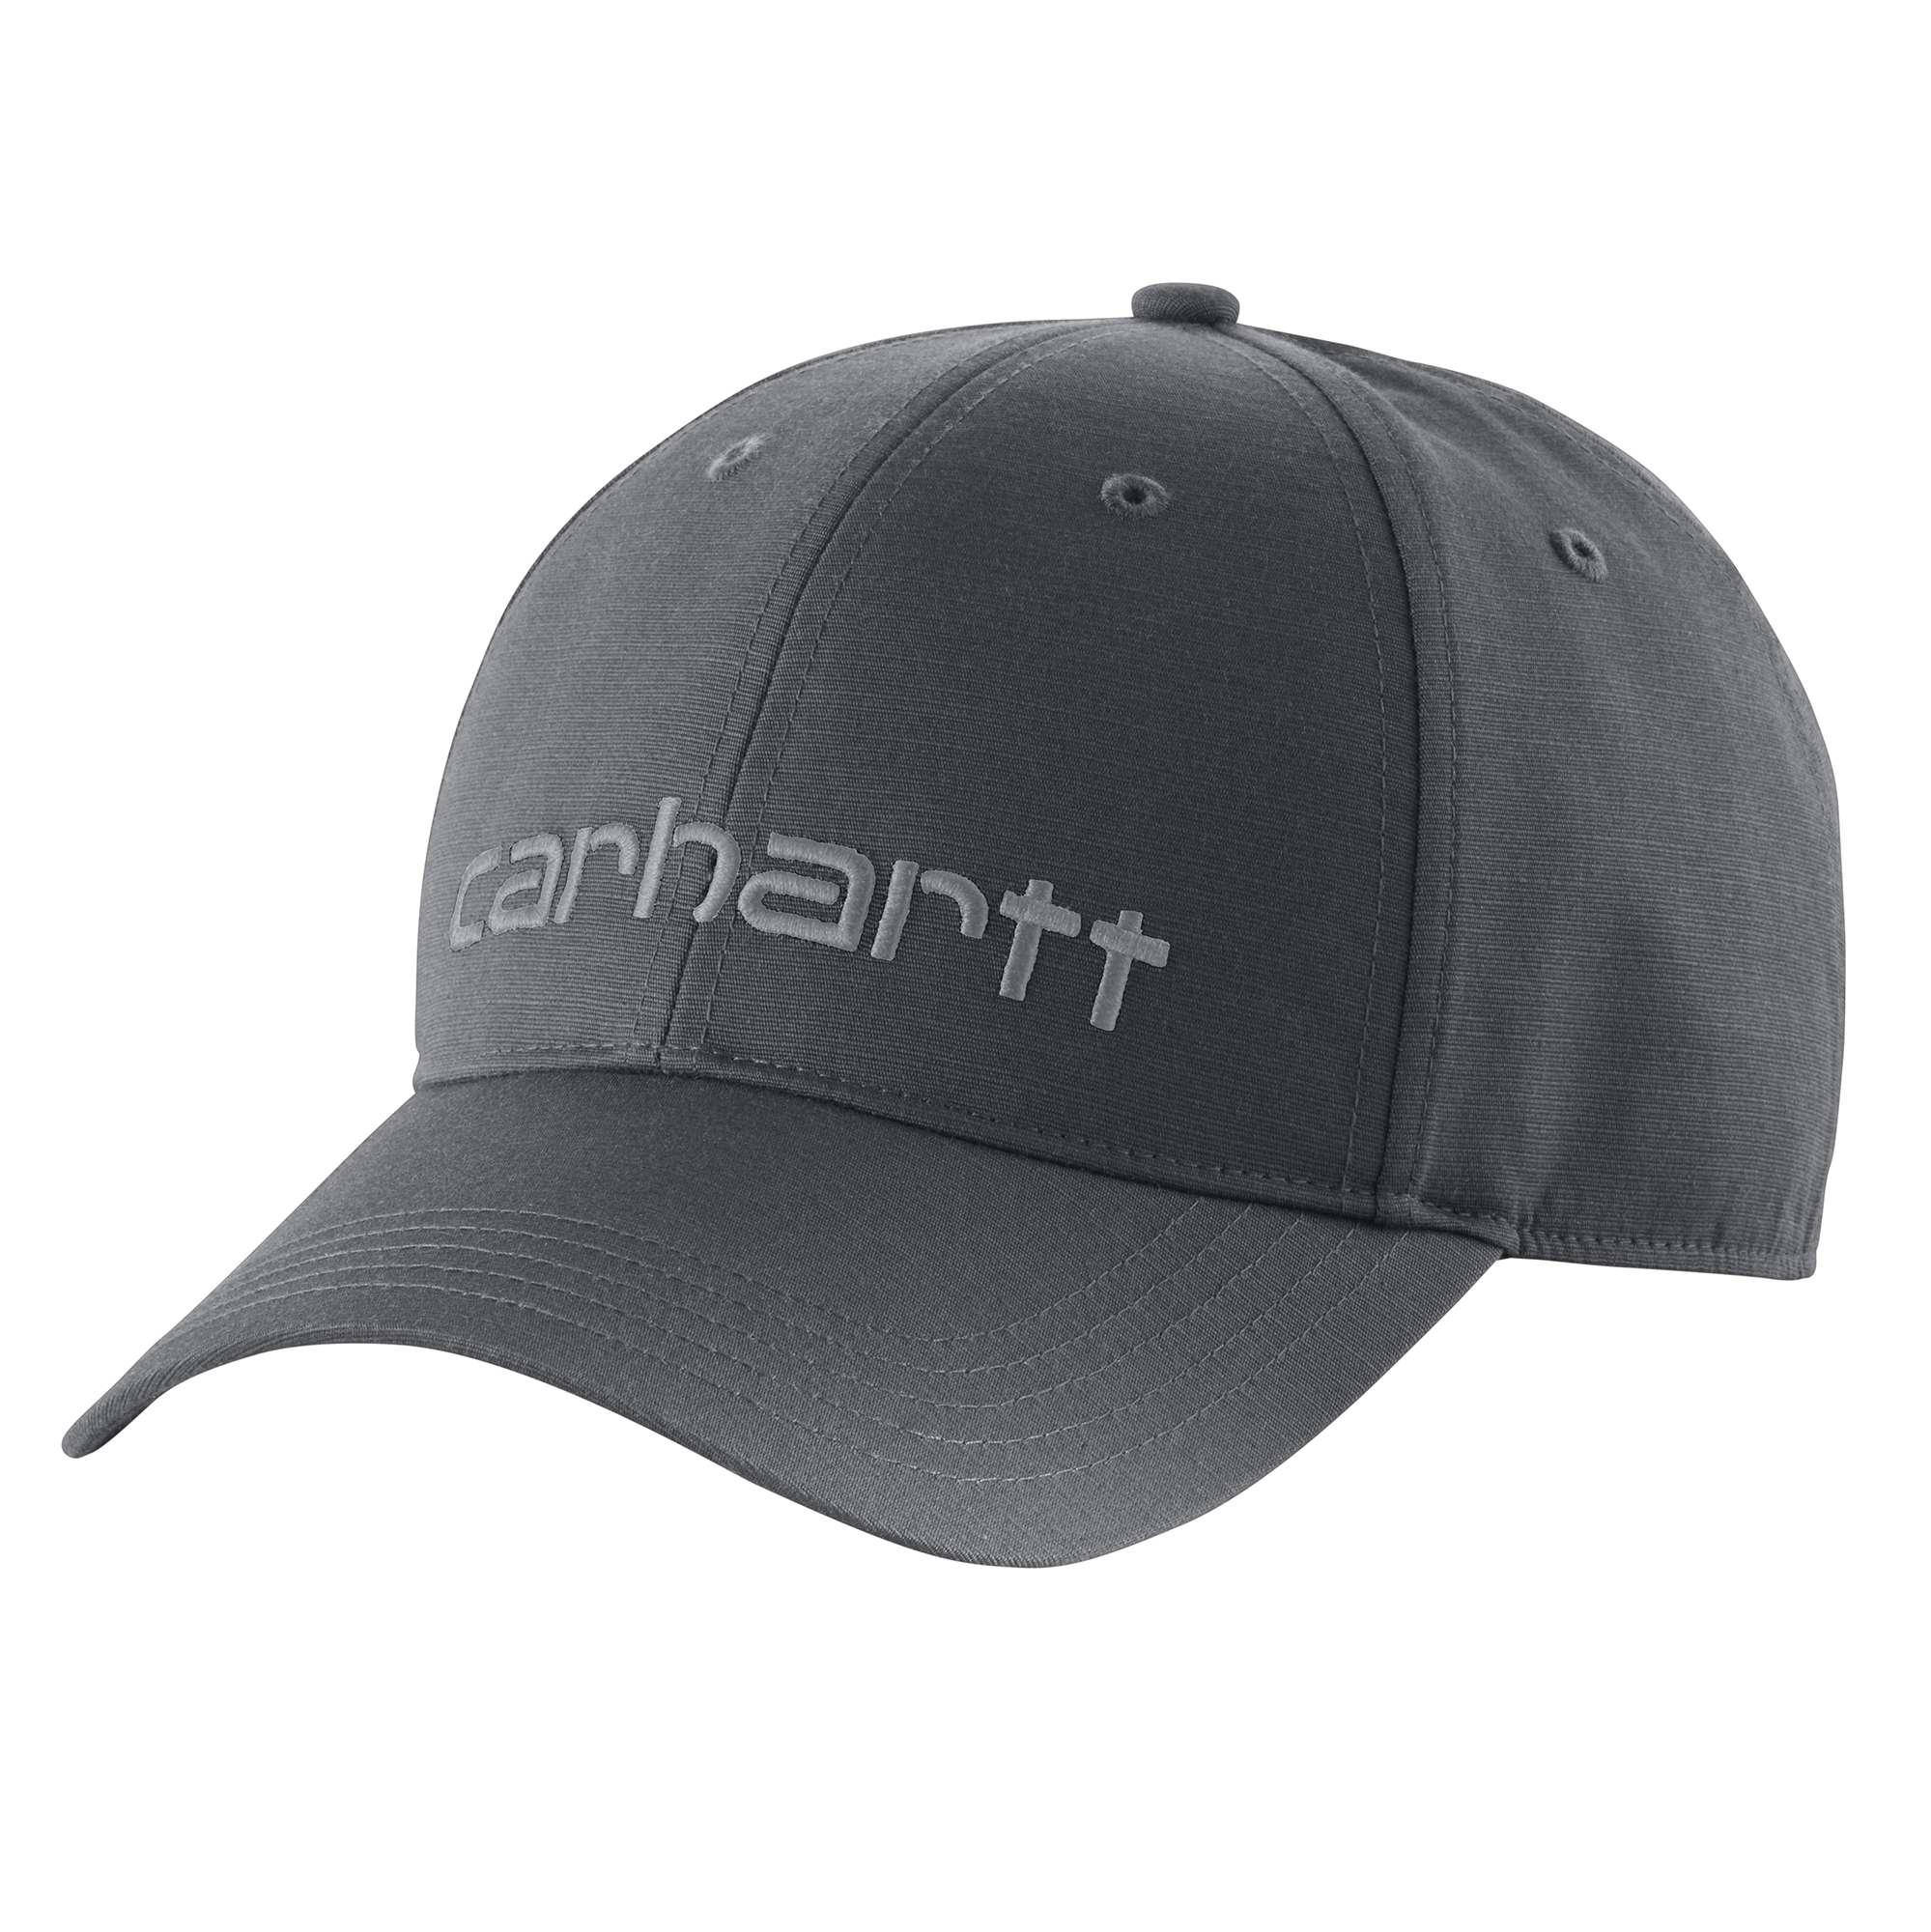 Carhartt M Woodside Hat - Phelps USA 2d1176ea39e3